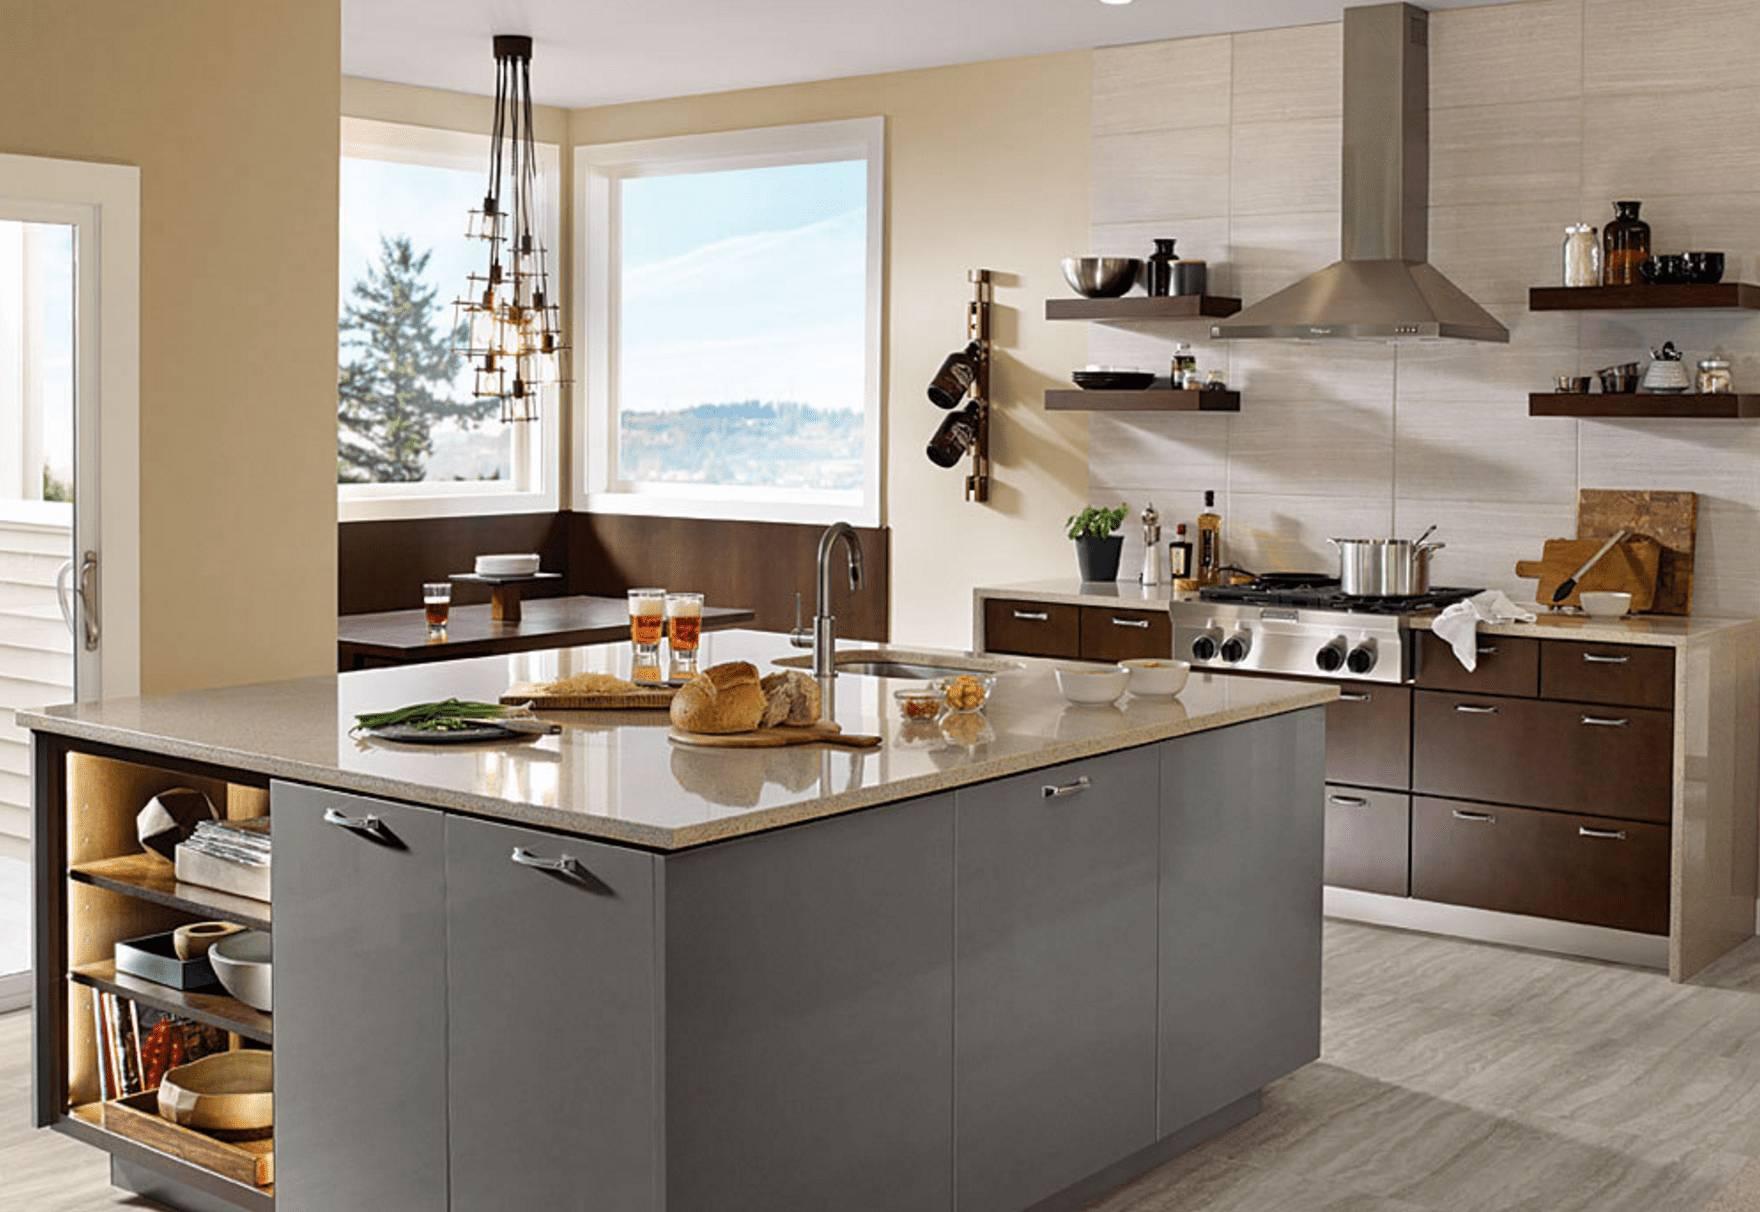 KraftMaid Gray Modern Kitchen df75f9b5805c2044f5d